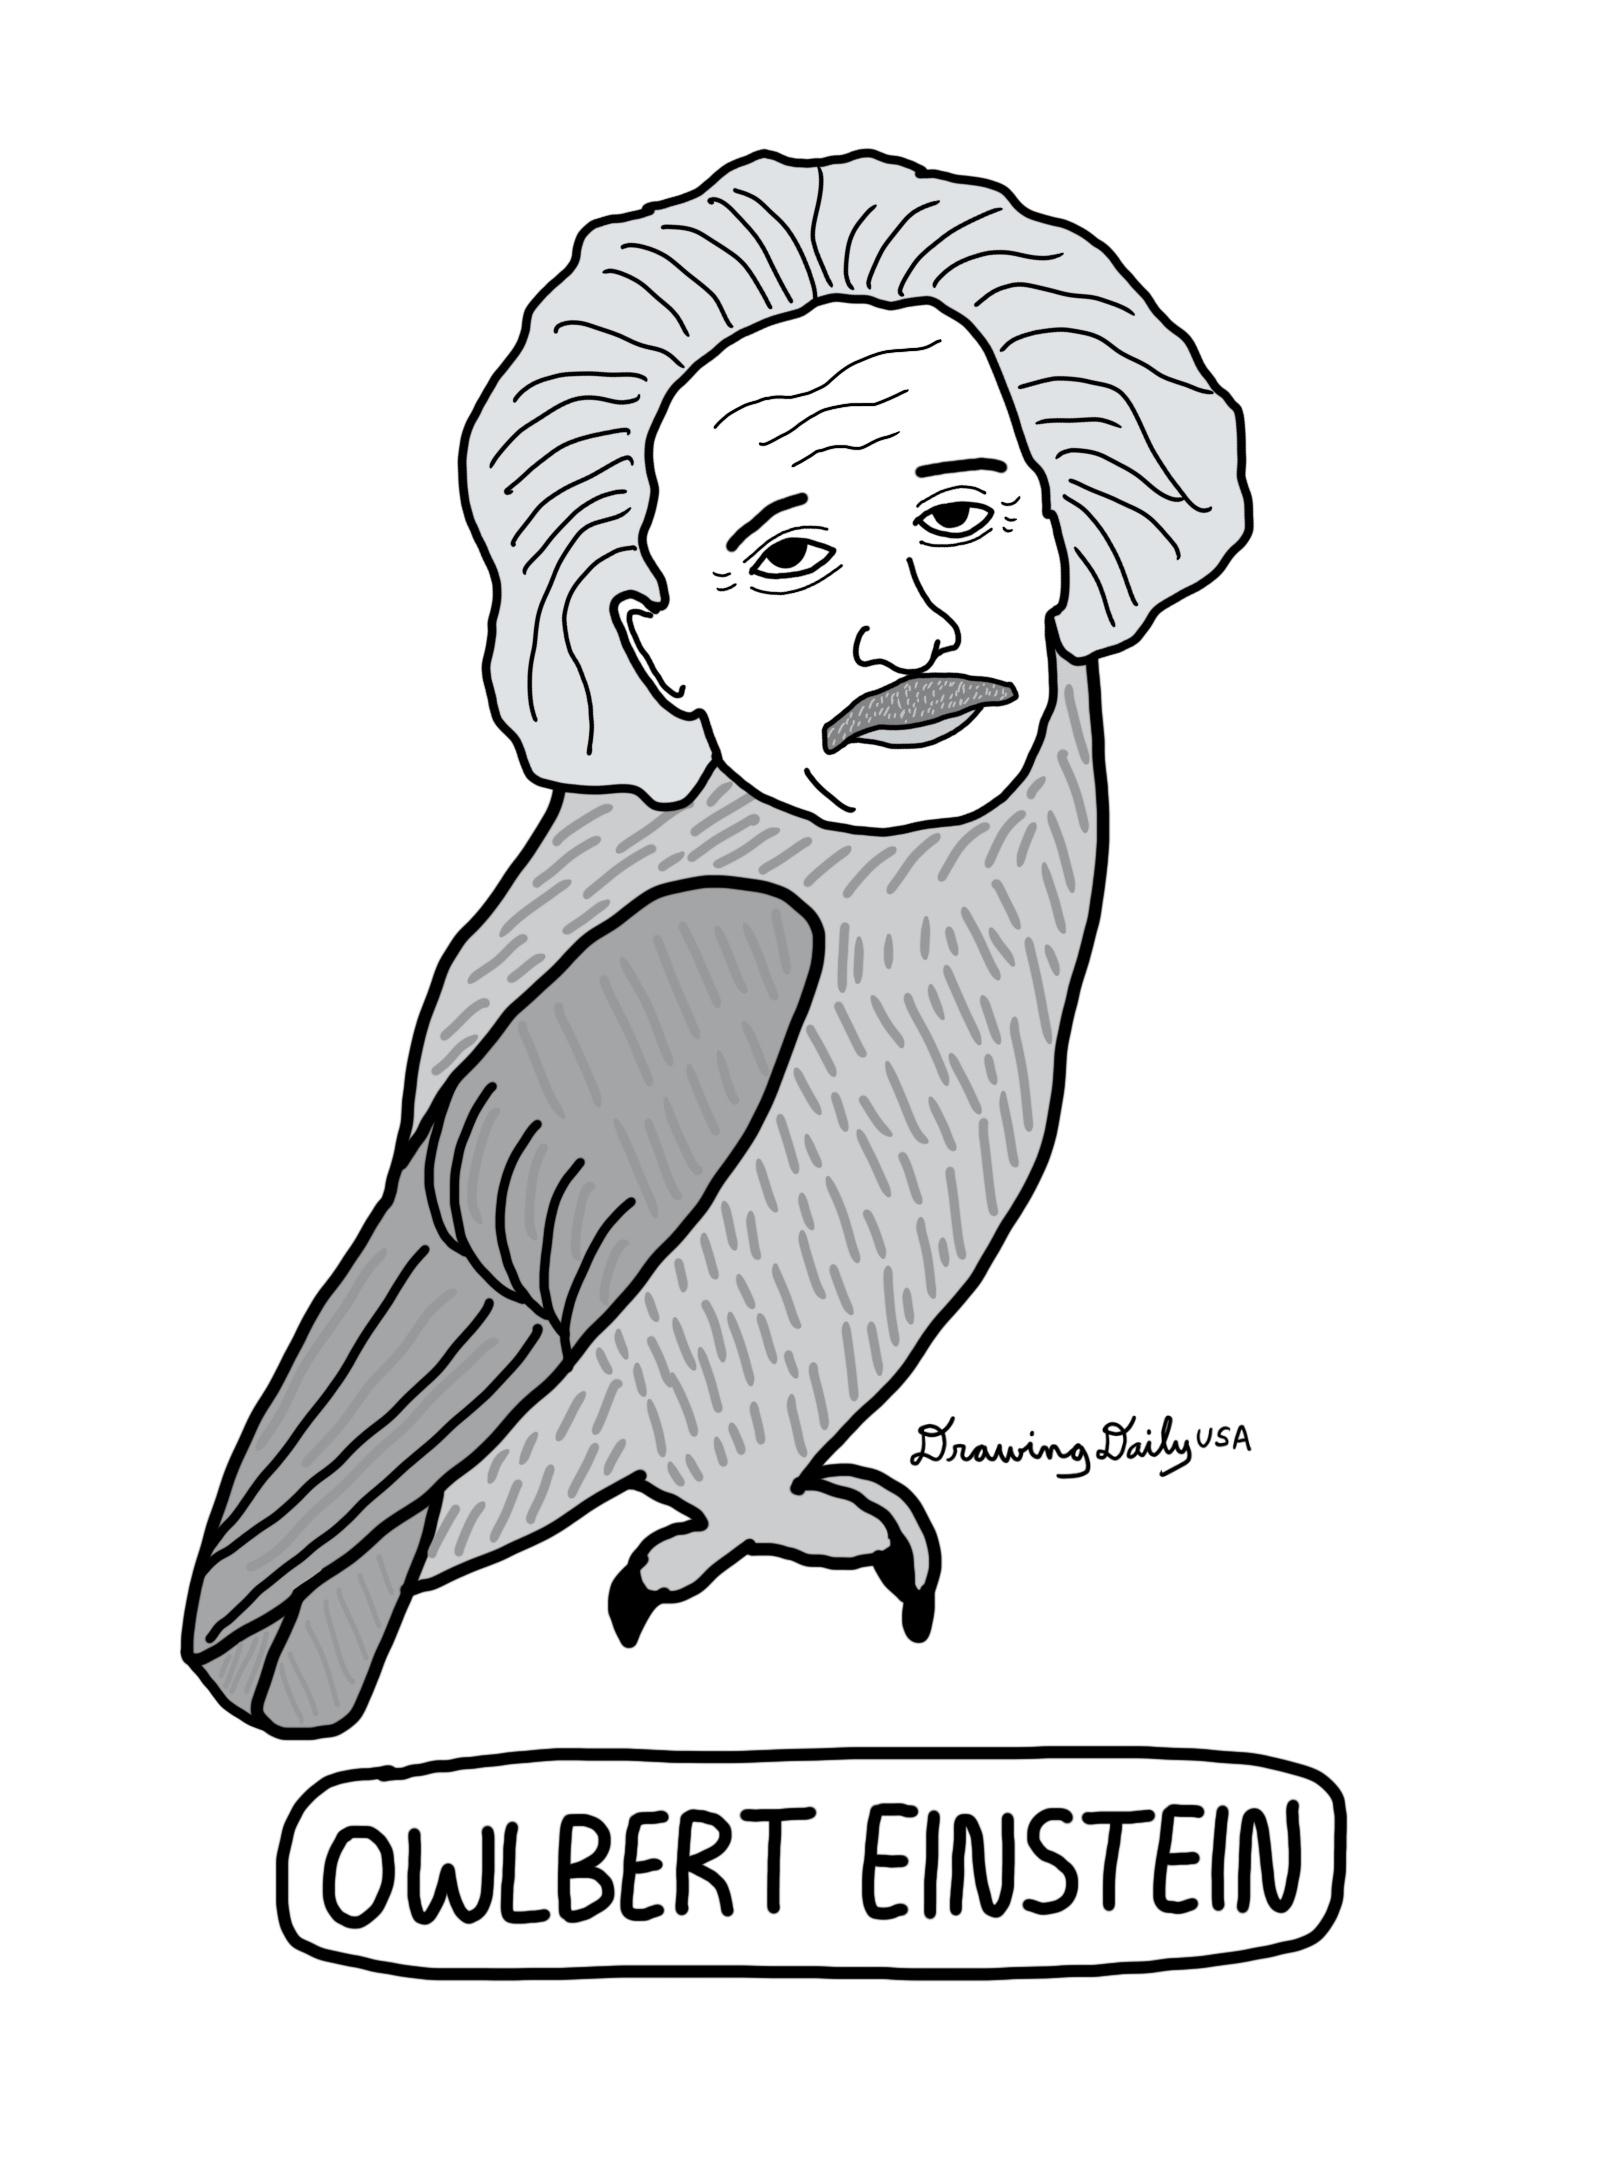 Owlbert Einstein